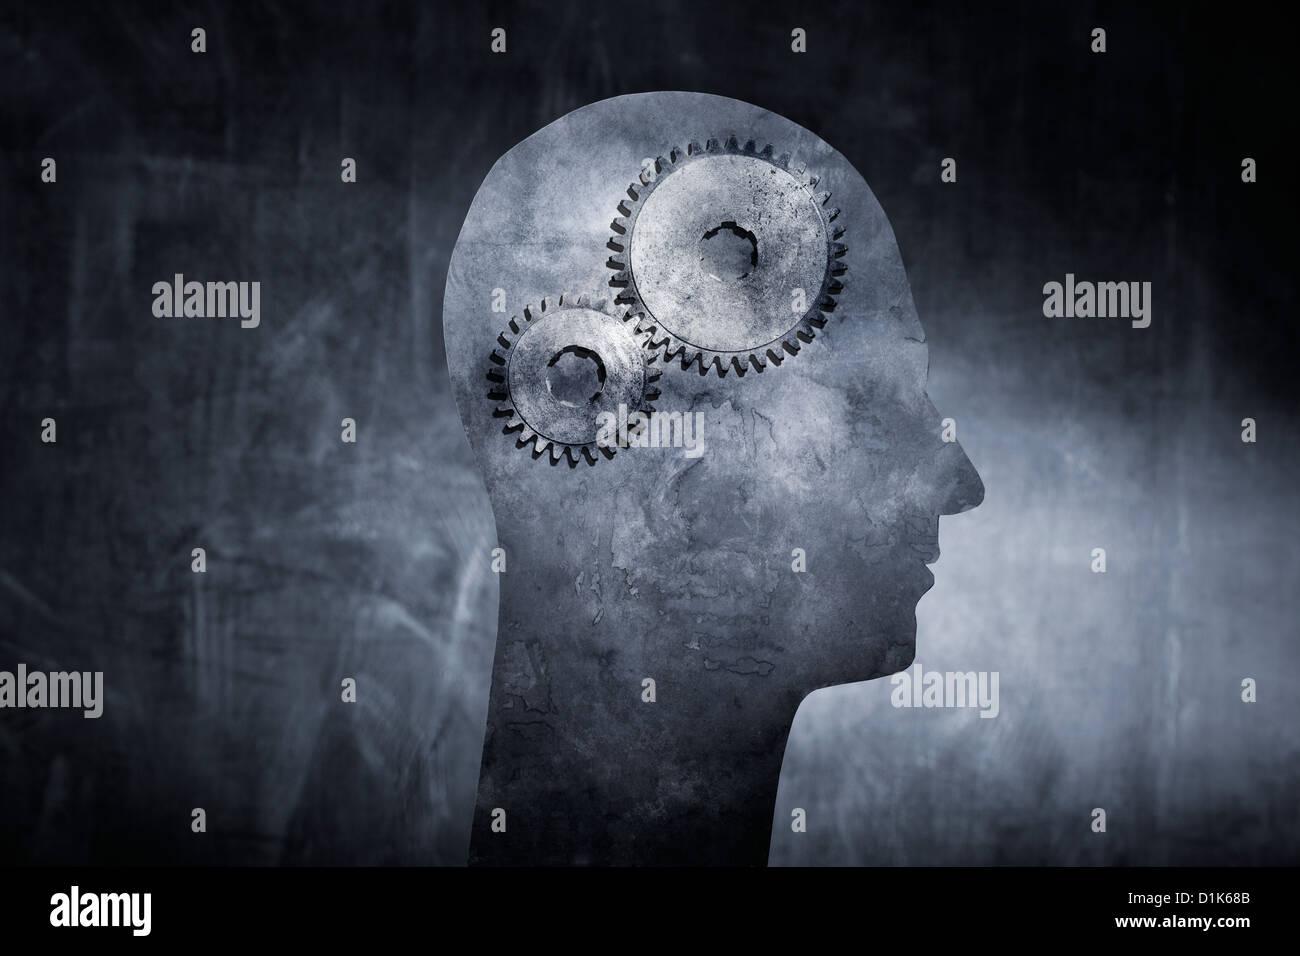 Imagen conceptual de una cabeza con engranajes cog como cerebro. Imagen De Stock